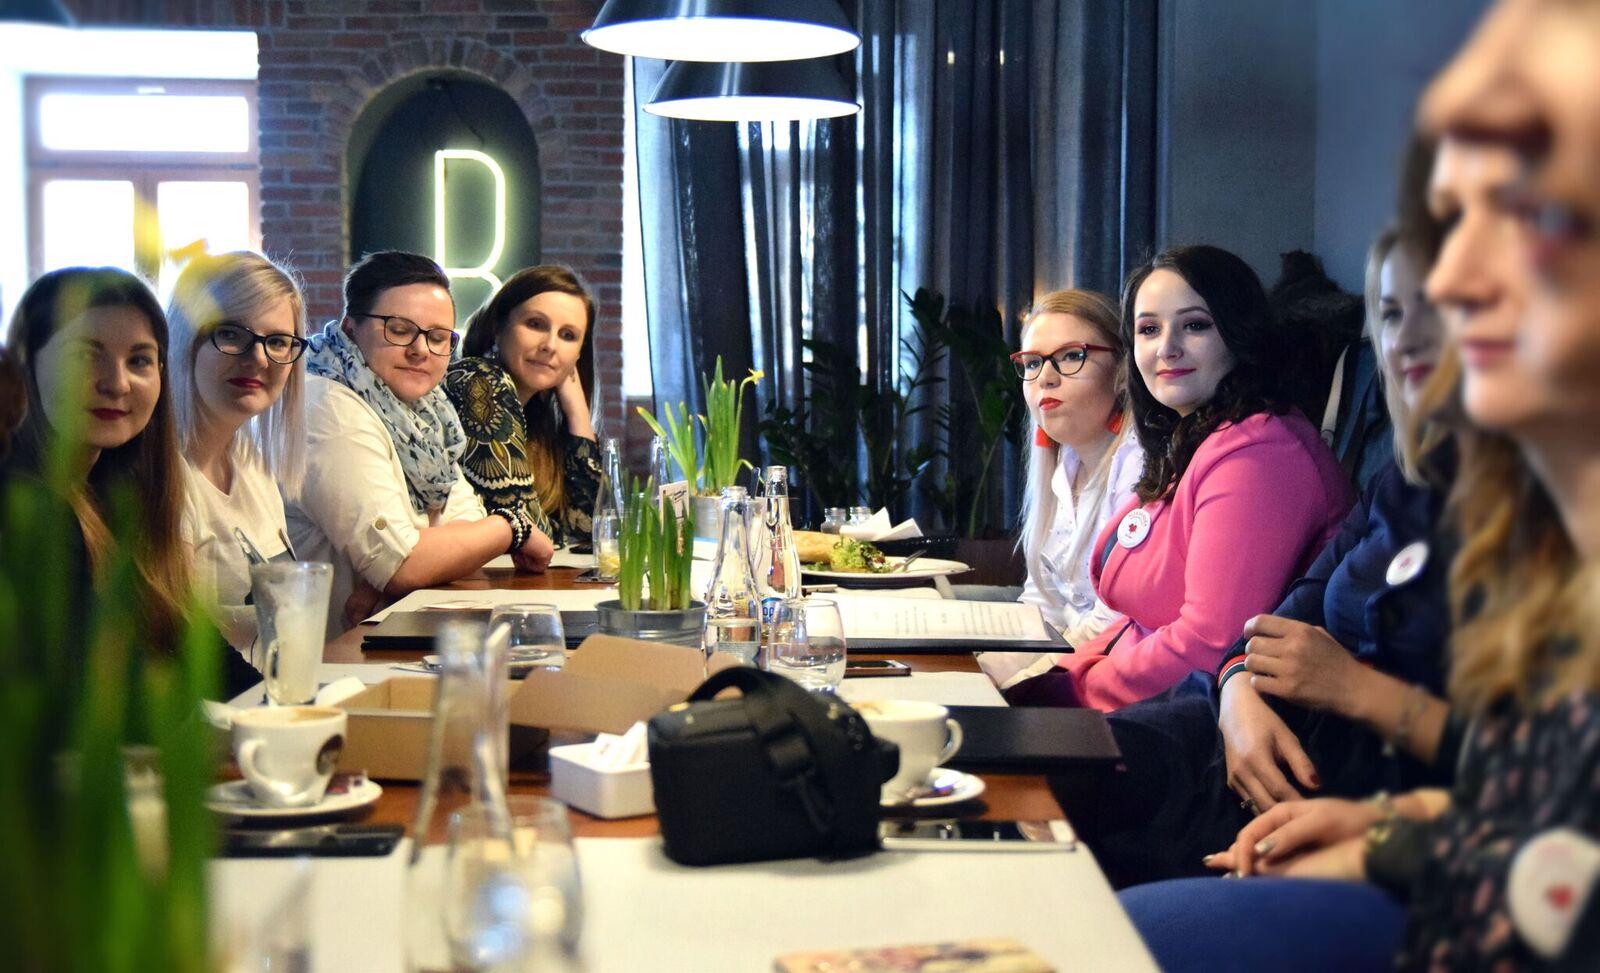 Z miłości do pasji - spotkanie blogerek